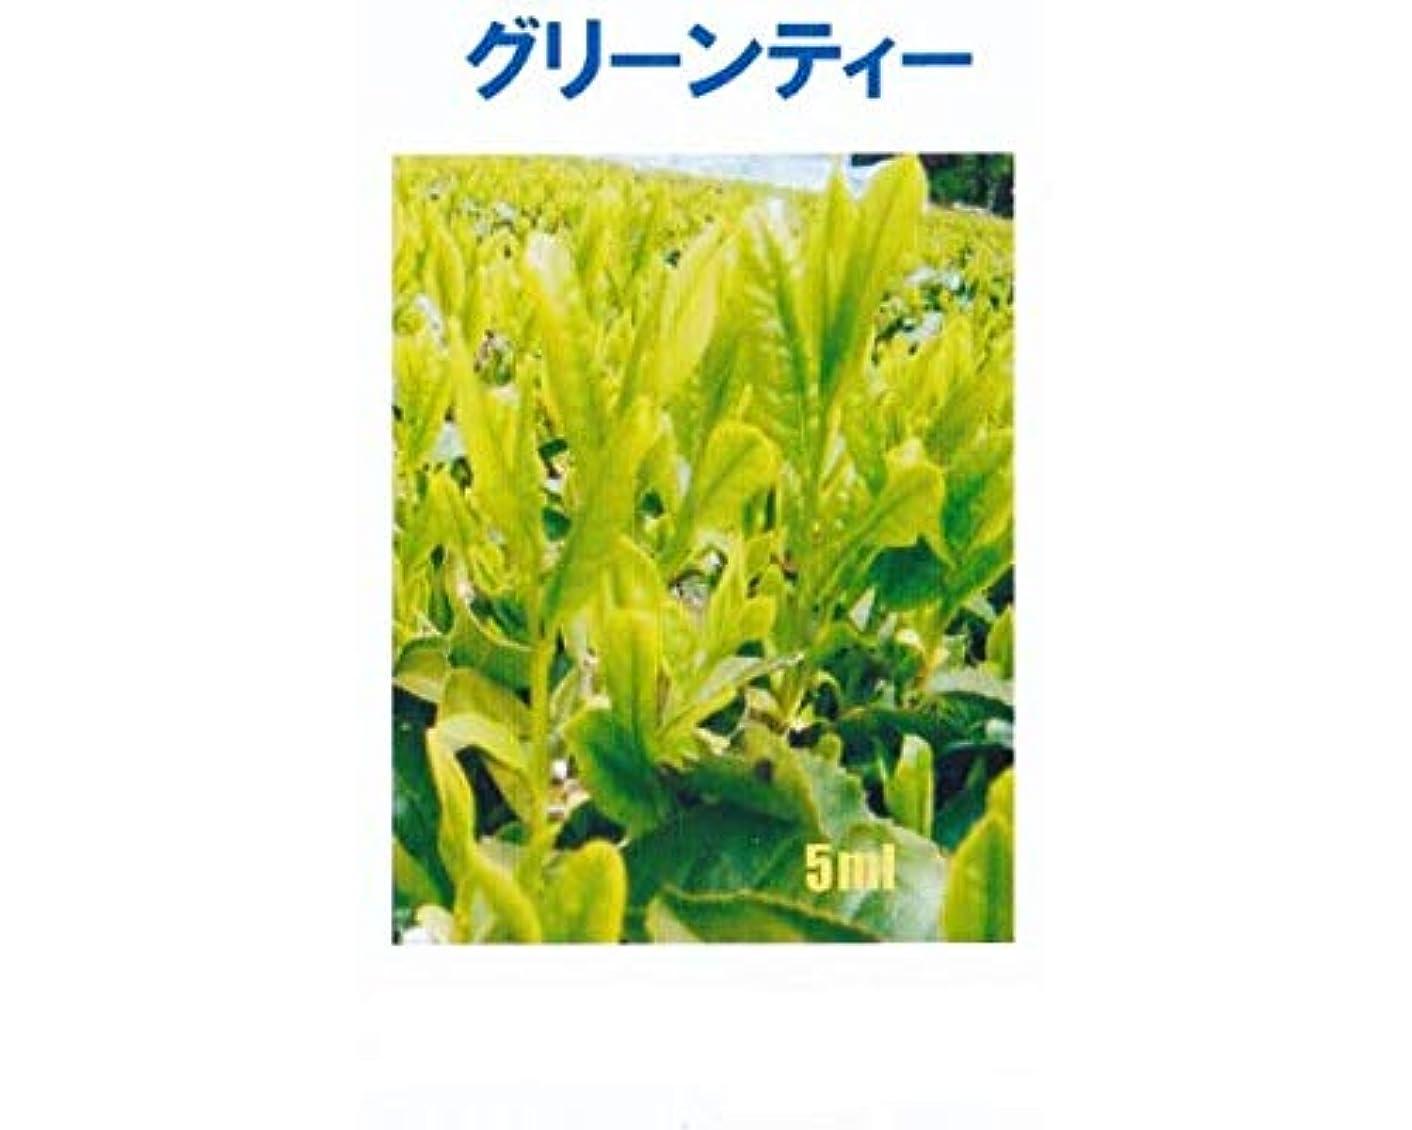 マカダム好ましい容赦ないアロマオイル グリーンティー 5ml エッセンシャルオイル 100%天然成分